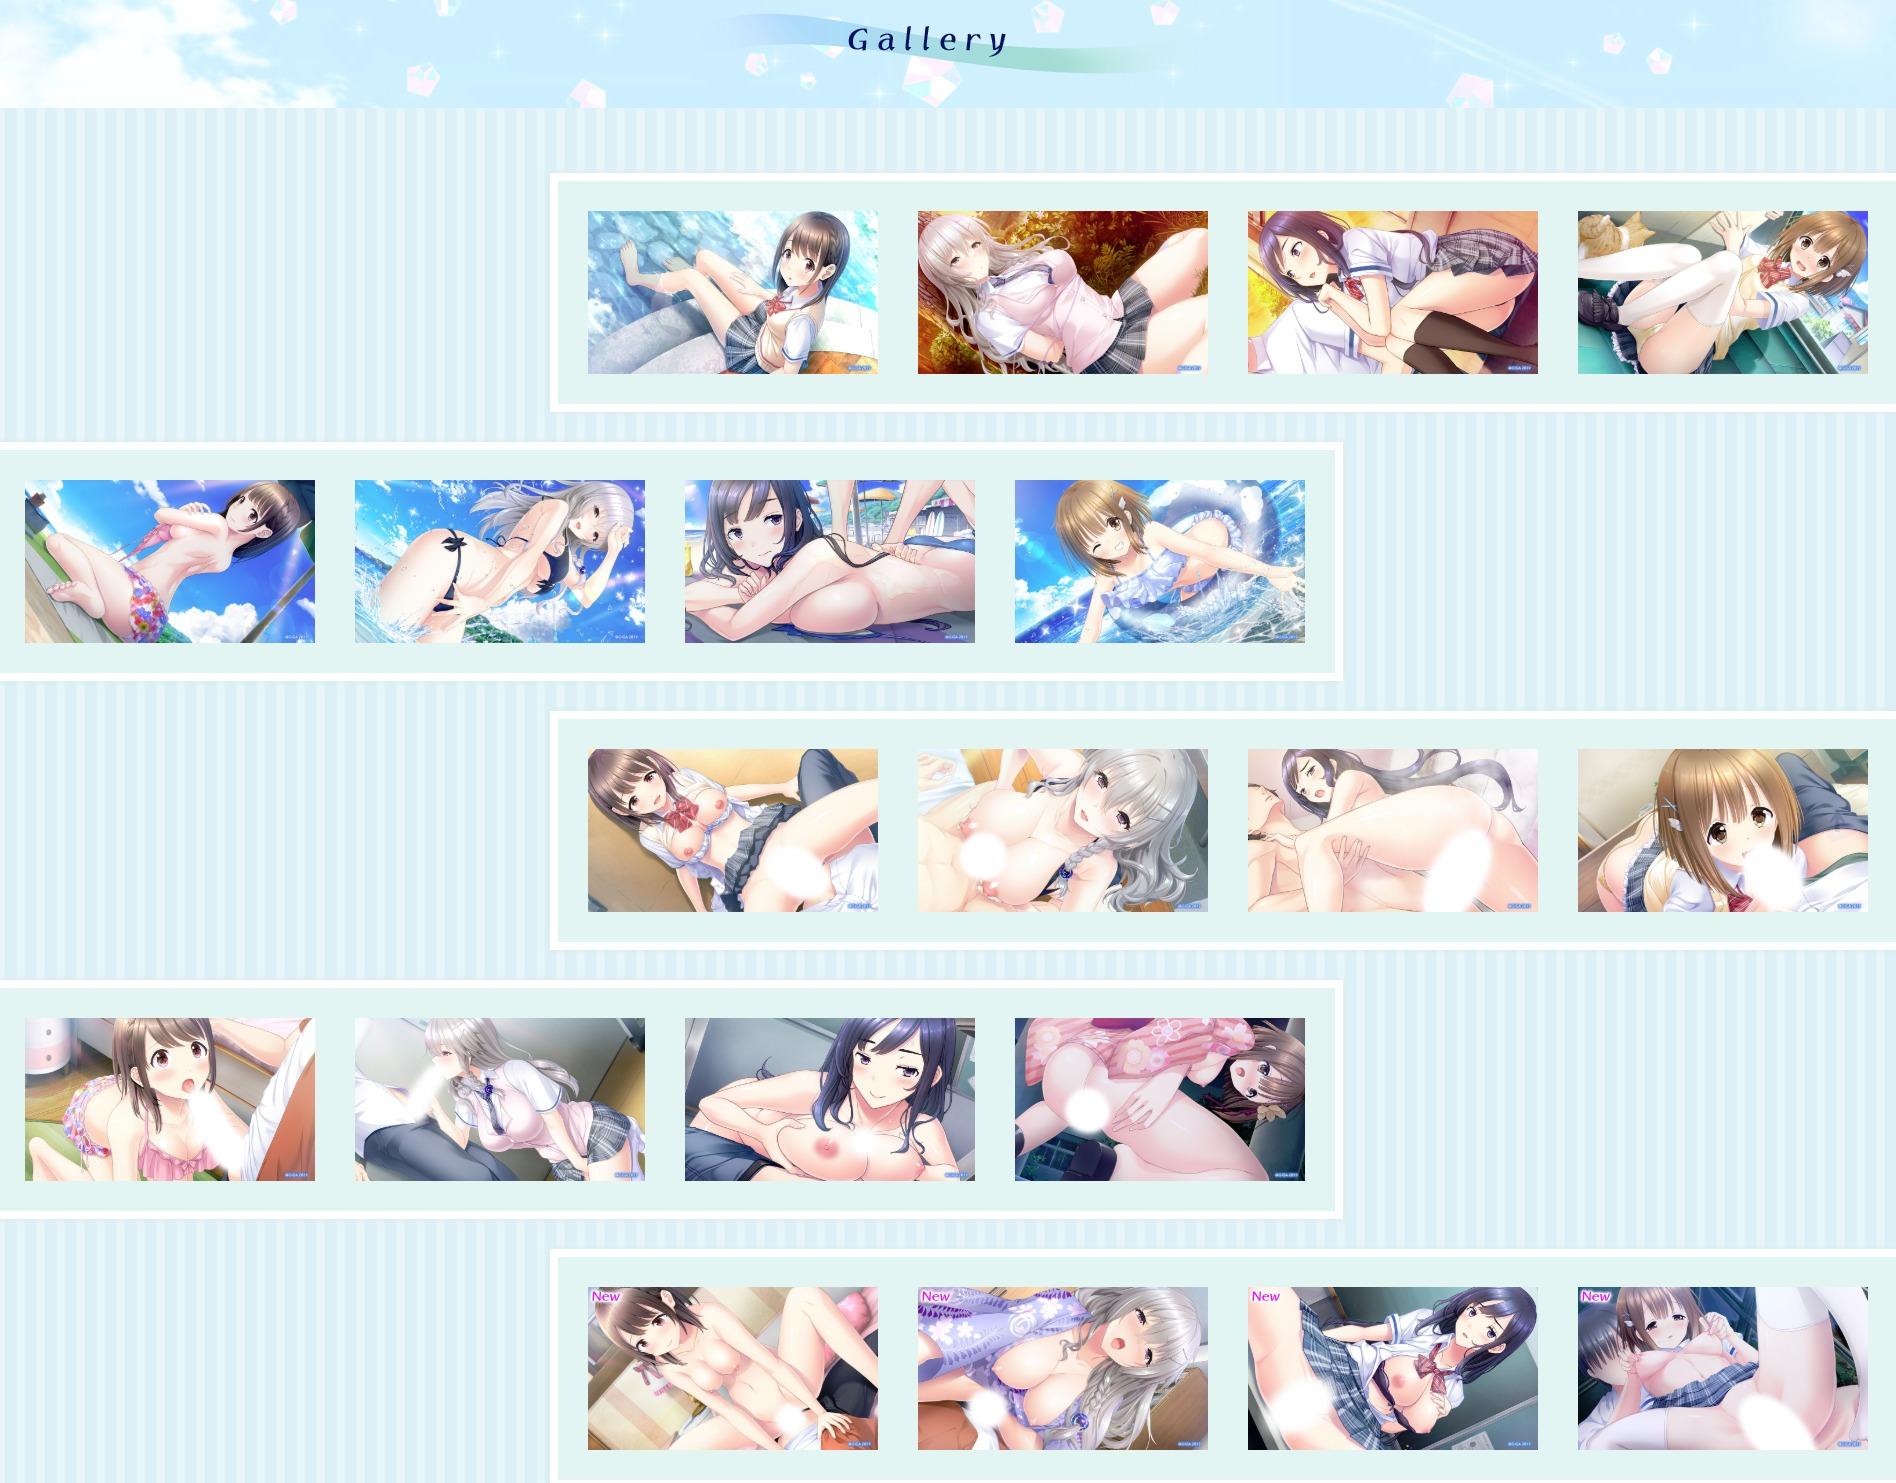 戯画『love clear ラブクリア 』 Official Website |ギャラリー